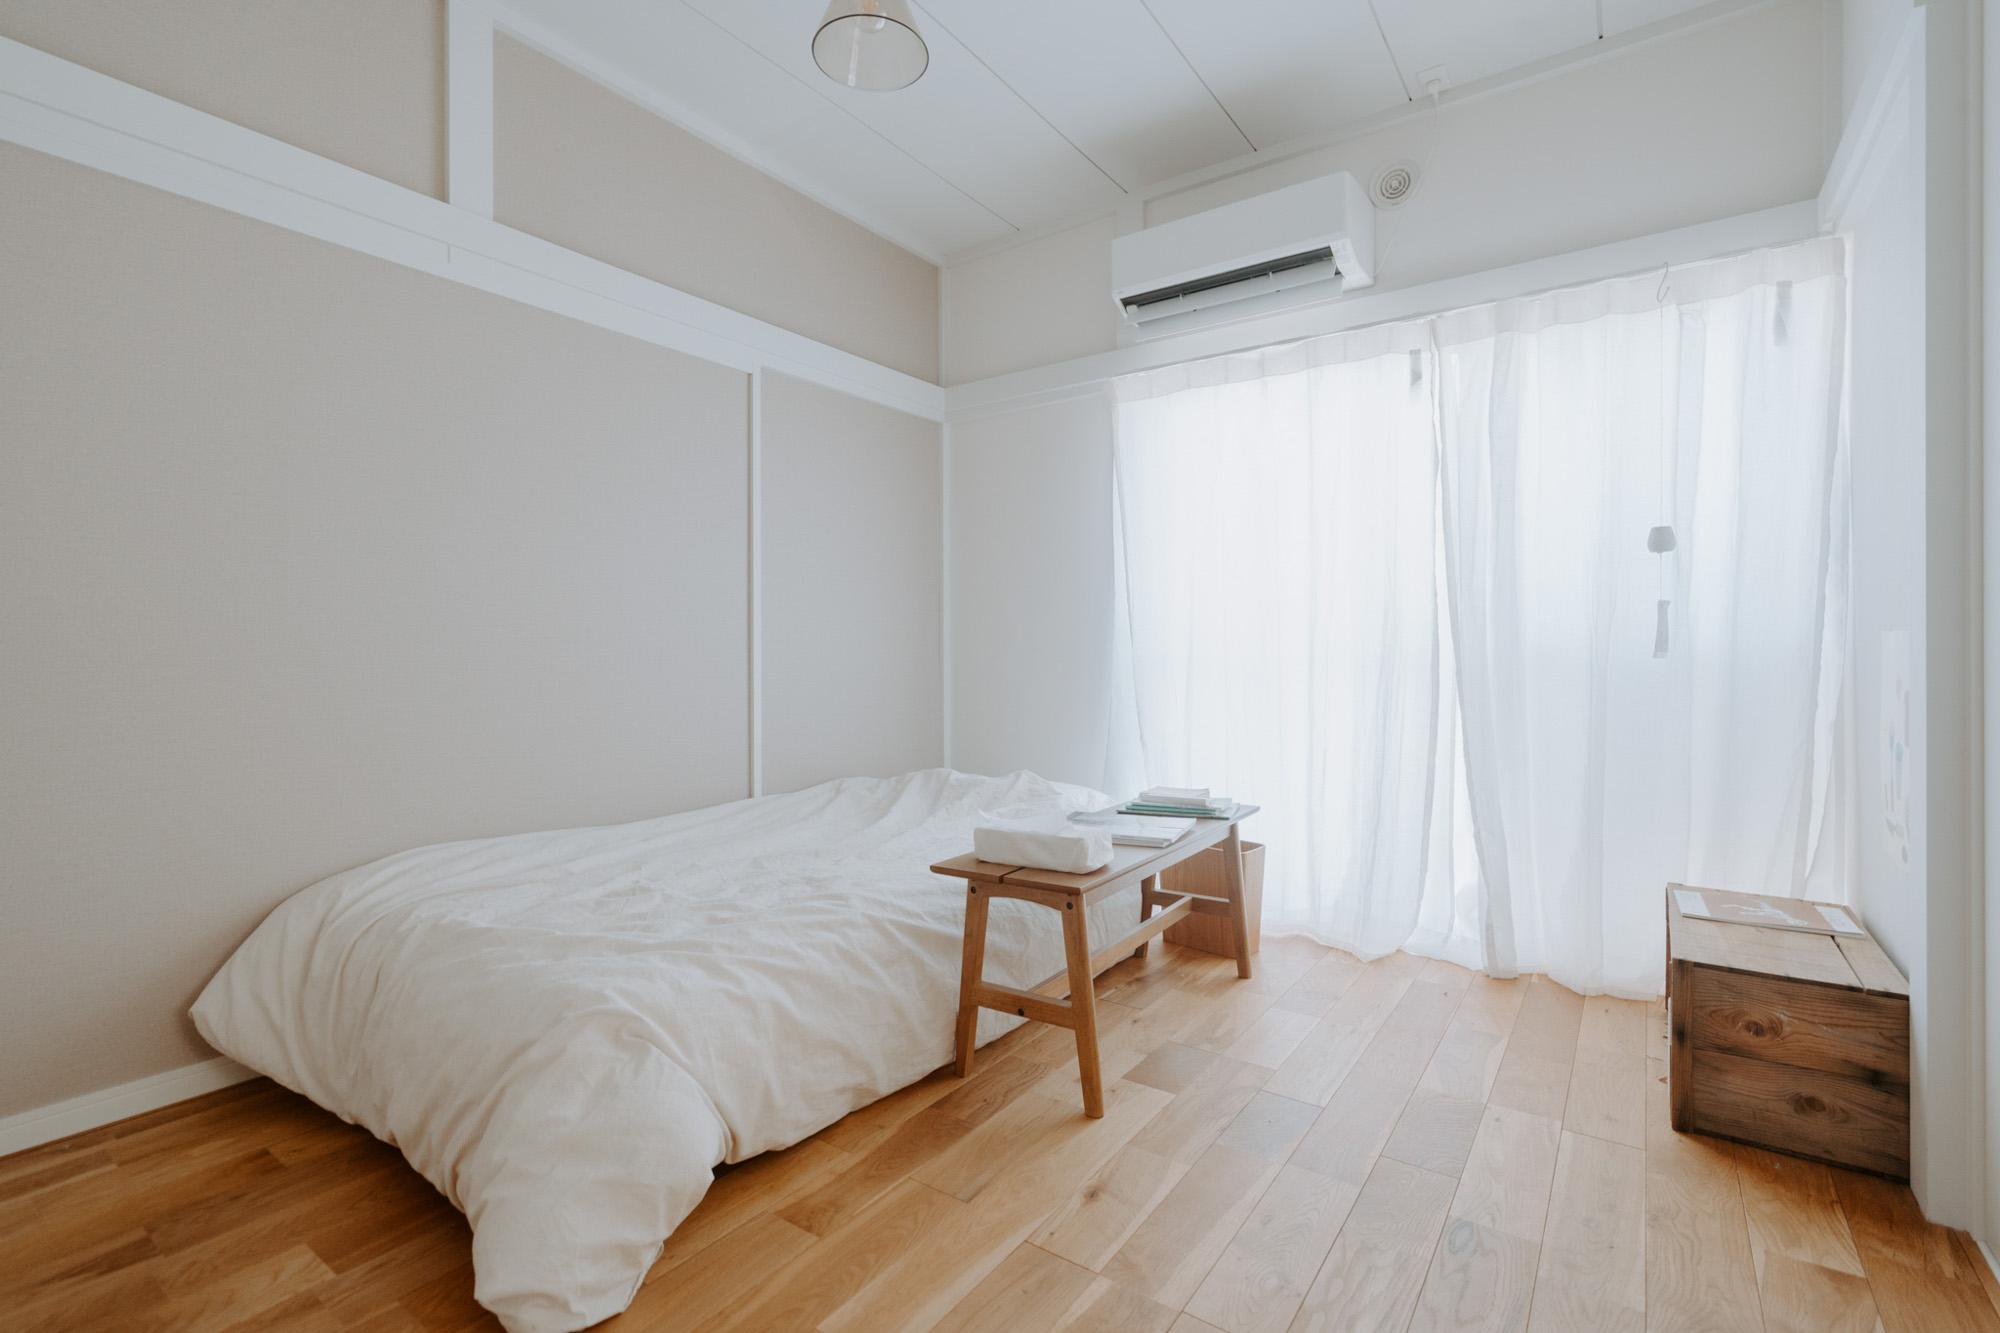 goodroomオリジナルリノベーション「TOMOS」で暮らす方のお部屋。極力モノを置かずにシンプルに仕上げています。壁紙も柔らかい色合いで落ち着きますね。カーテンは、ニトリの遮像レースカーテンと、無印良品のノンプリーツカーテン。差し込む光を殺さないようにとこだわって選んだのだそう。